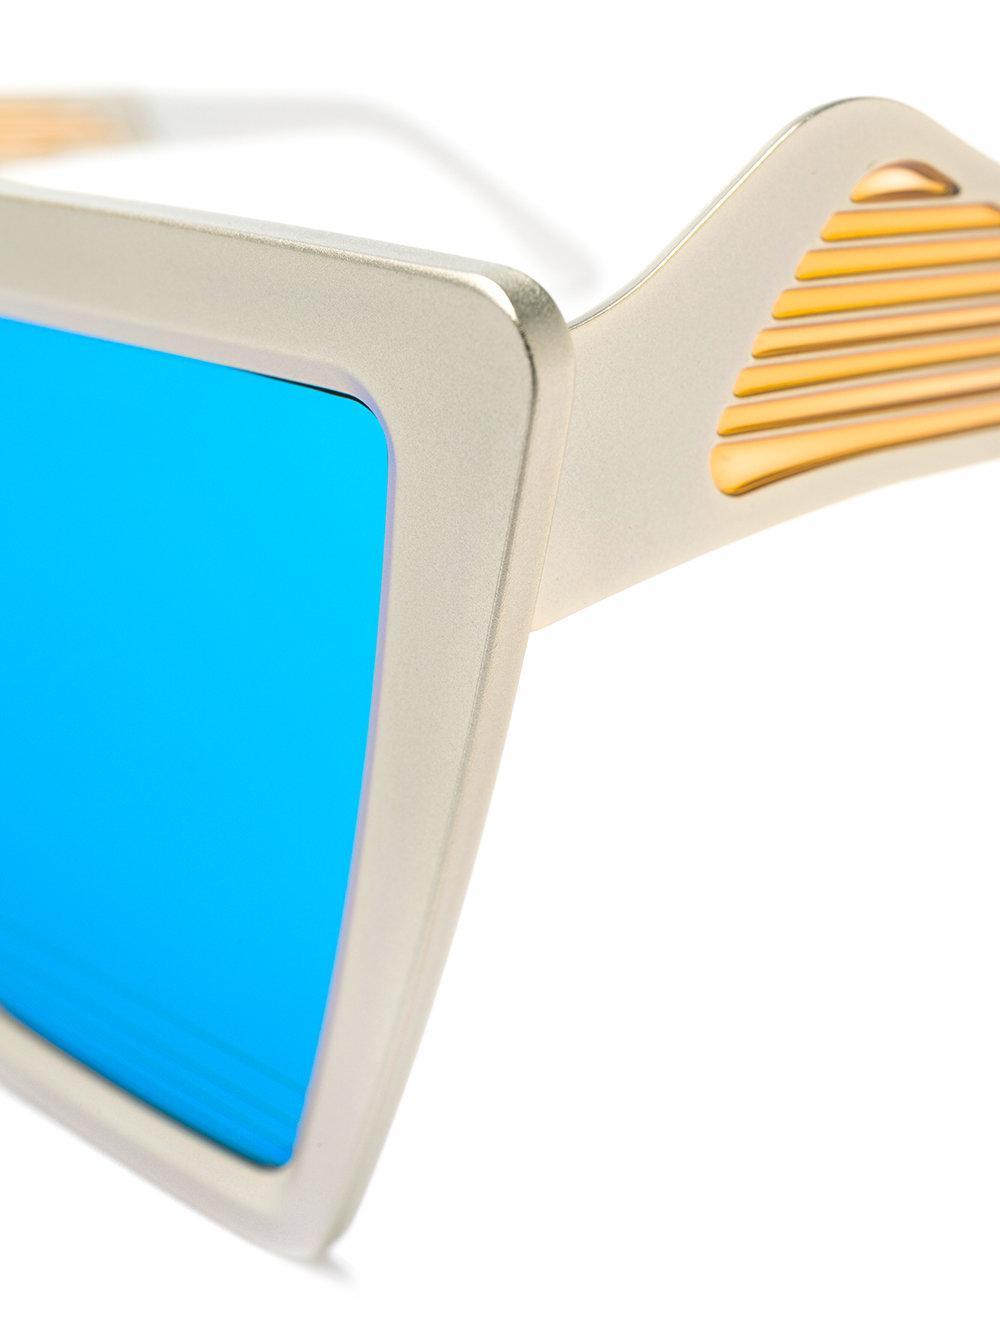 Irresistor Fluxus Sunglasses in Metallic